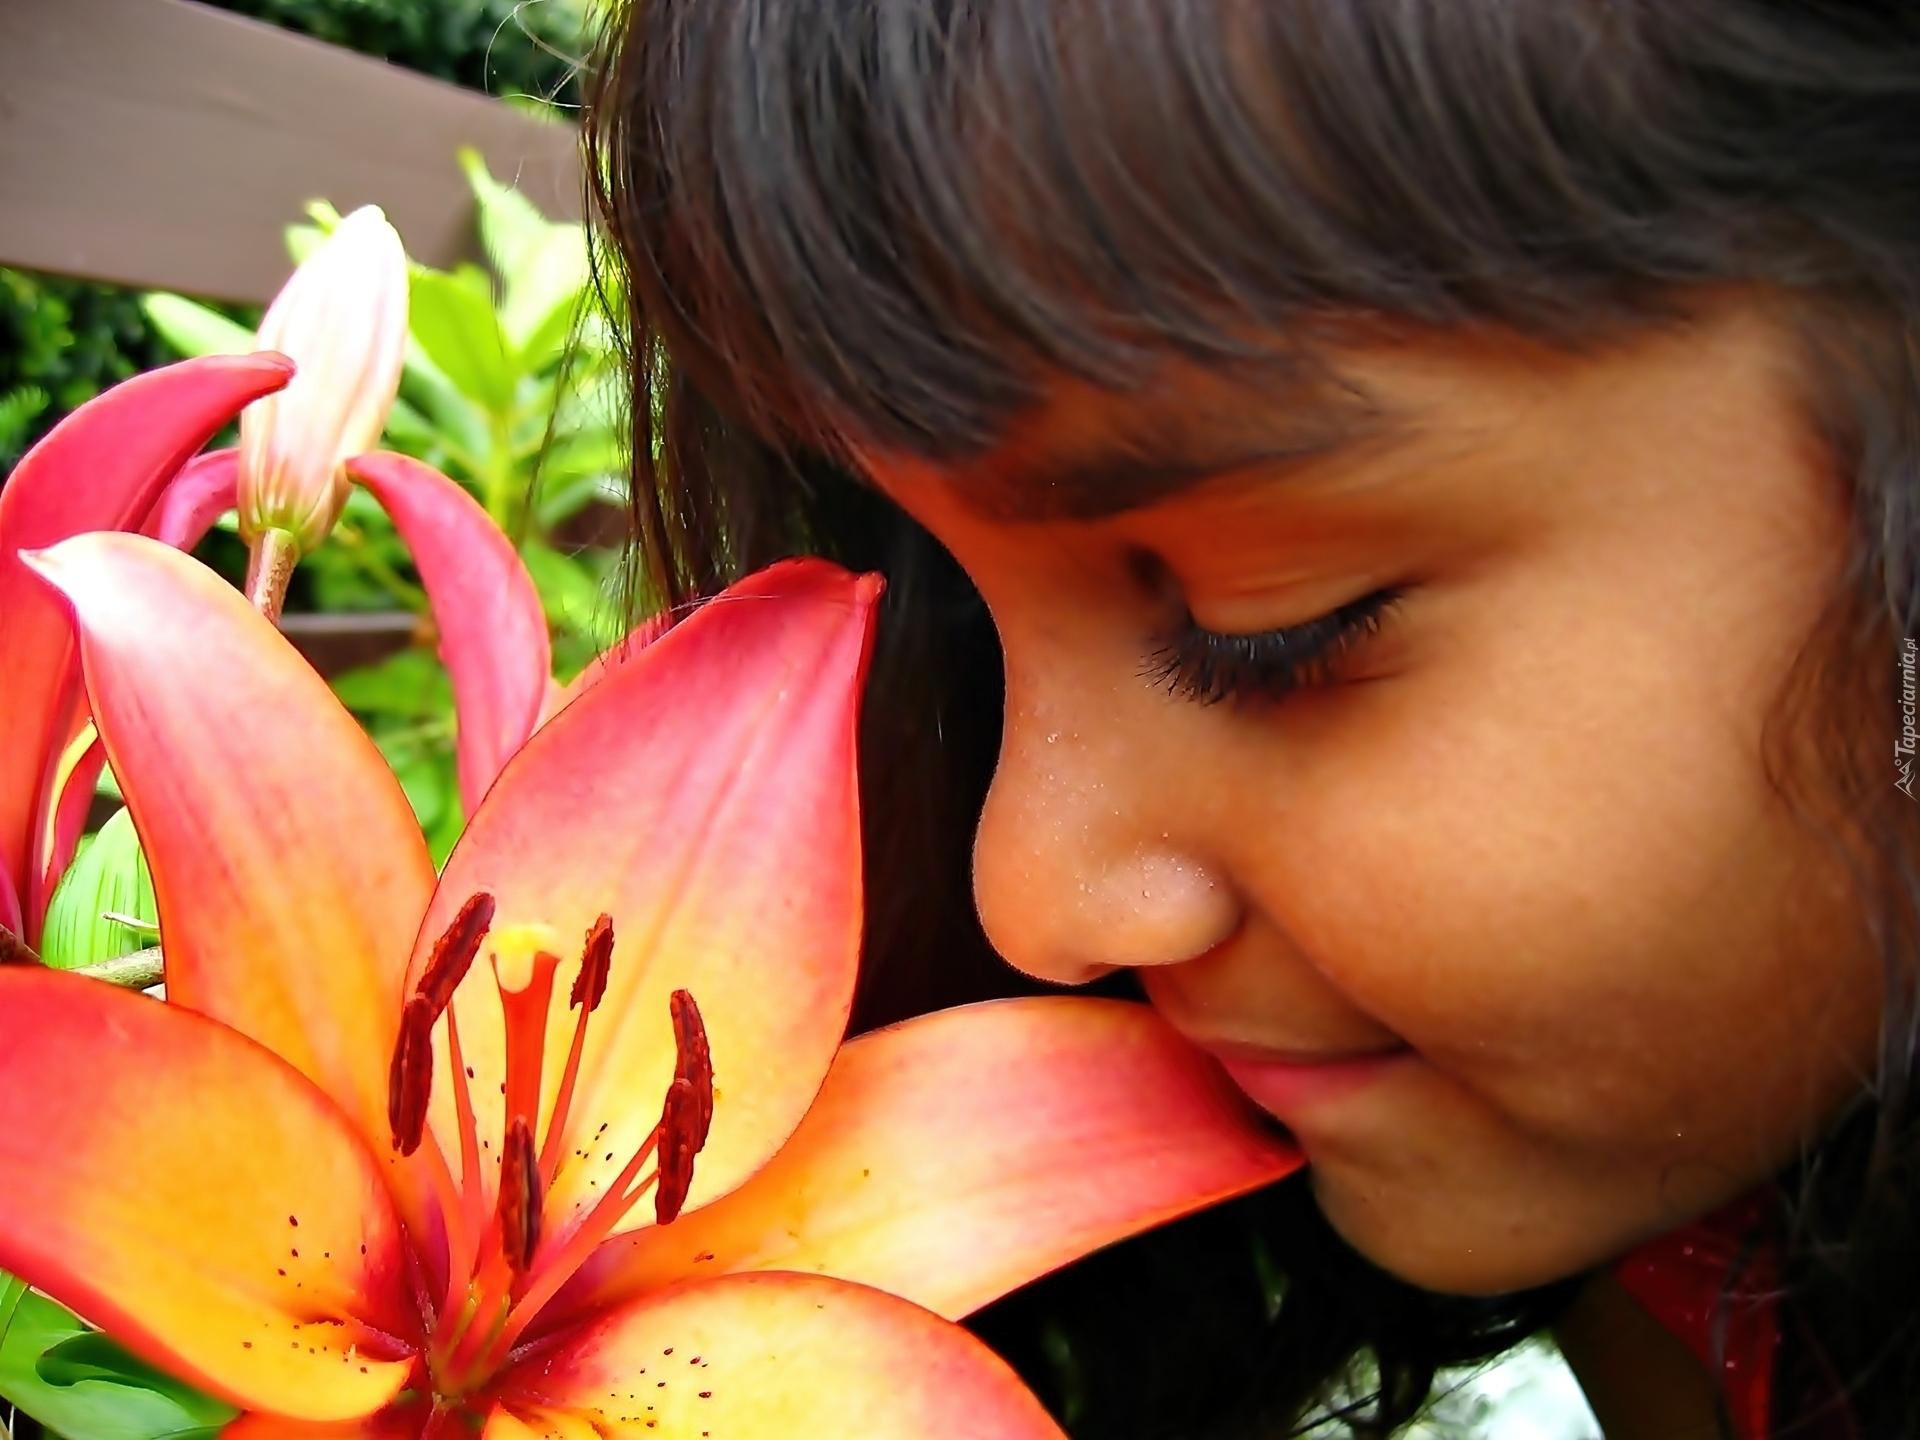 Картинки девушка нюхает цветы 4